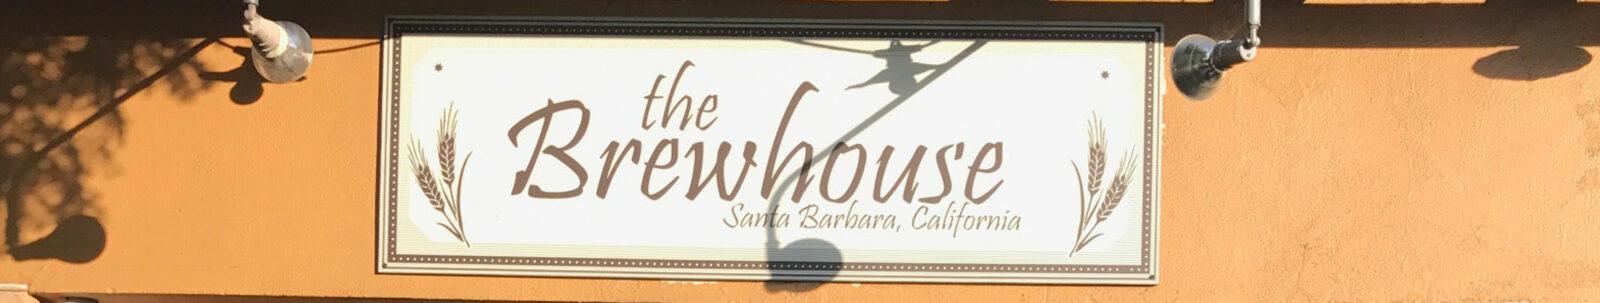 The Brewhouse, Santa Barbara